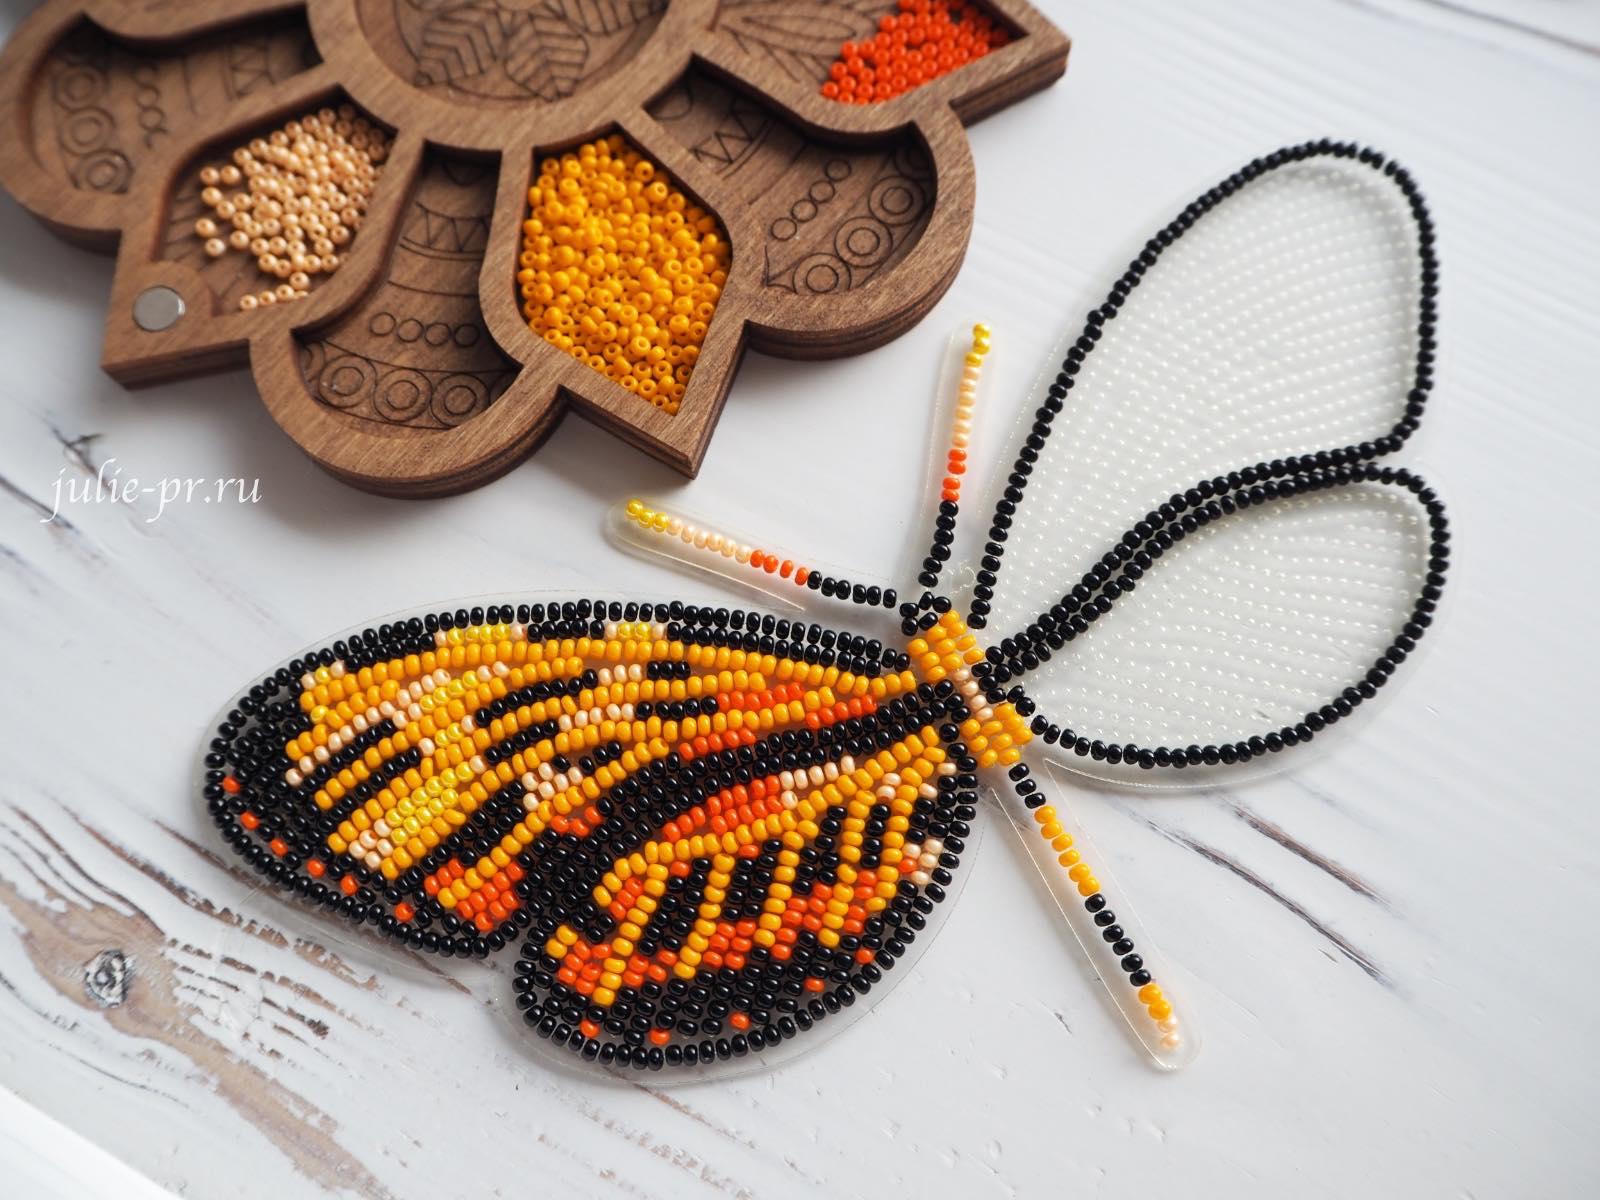 Бабочка Механитис Менапис, Вдохновение, вышивка бисером, органайзер для бисера Волшебная страна